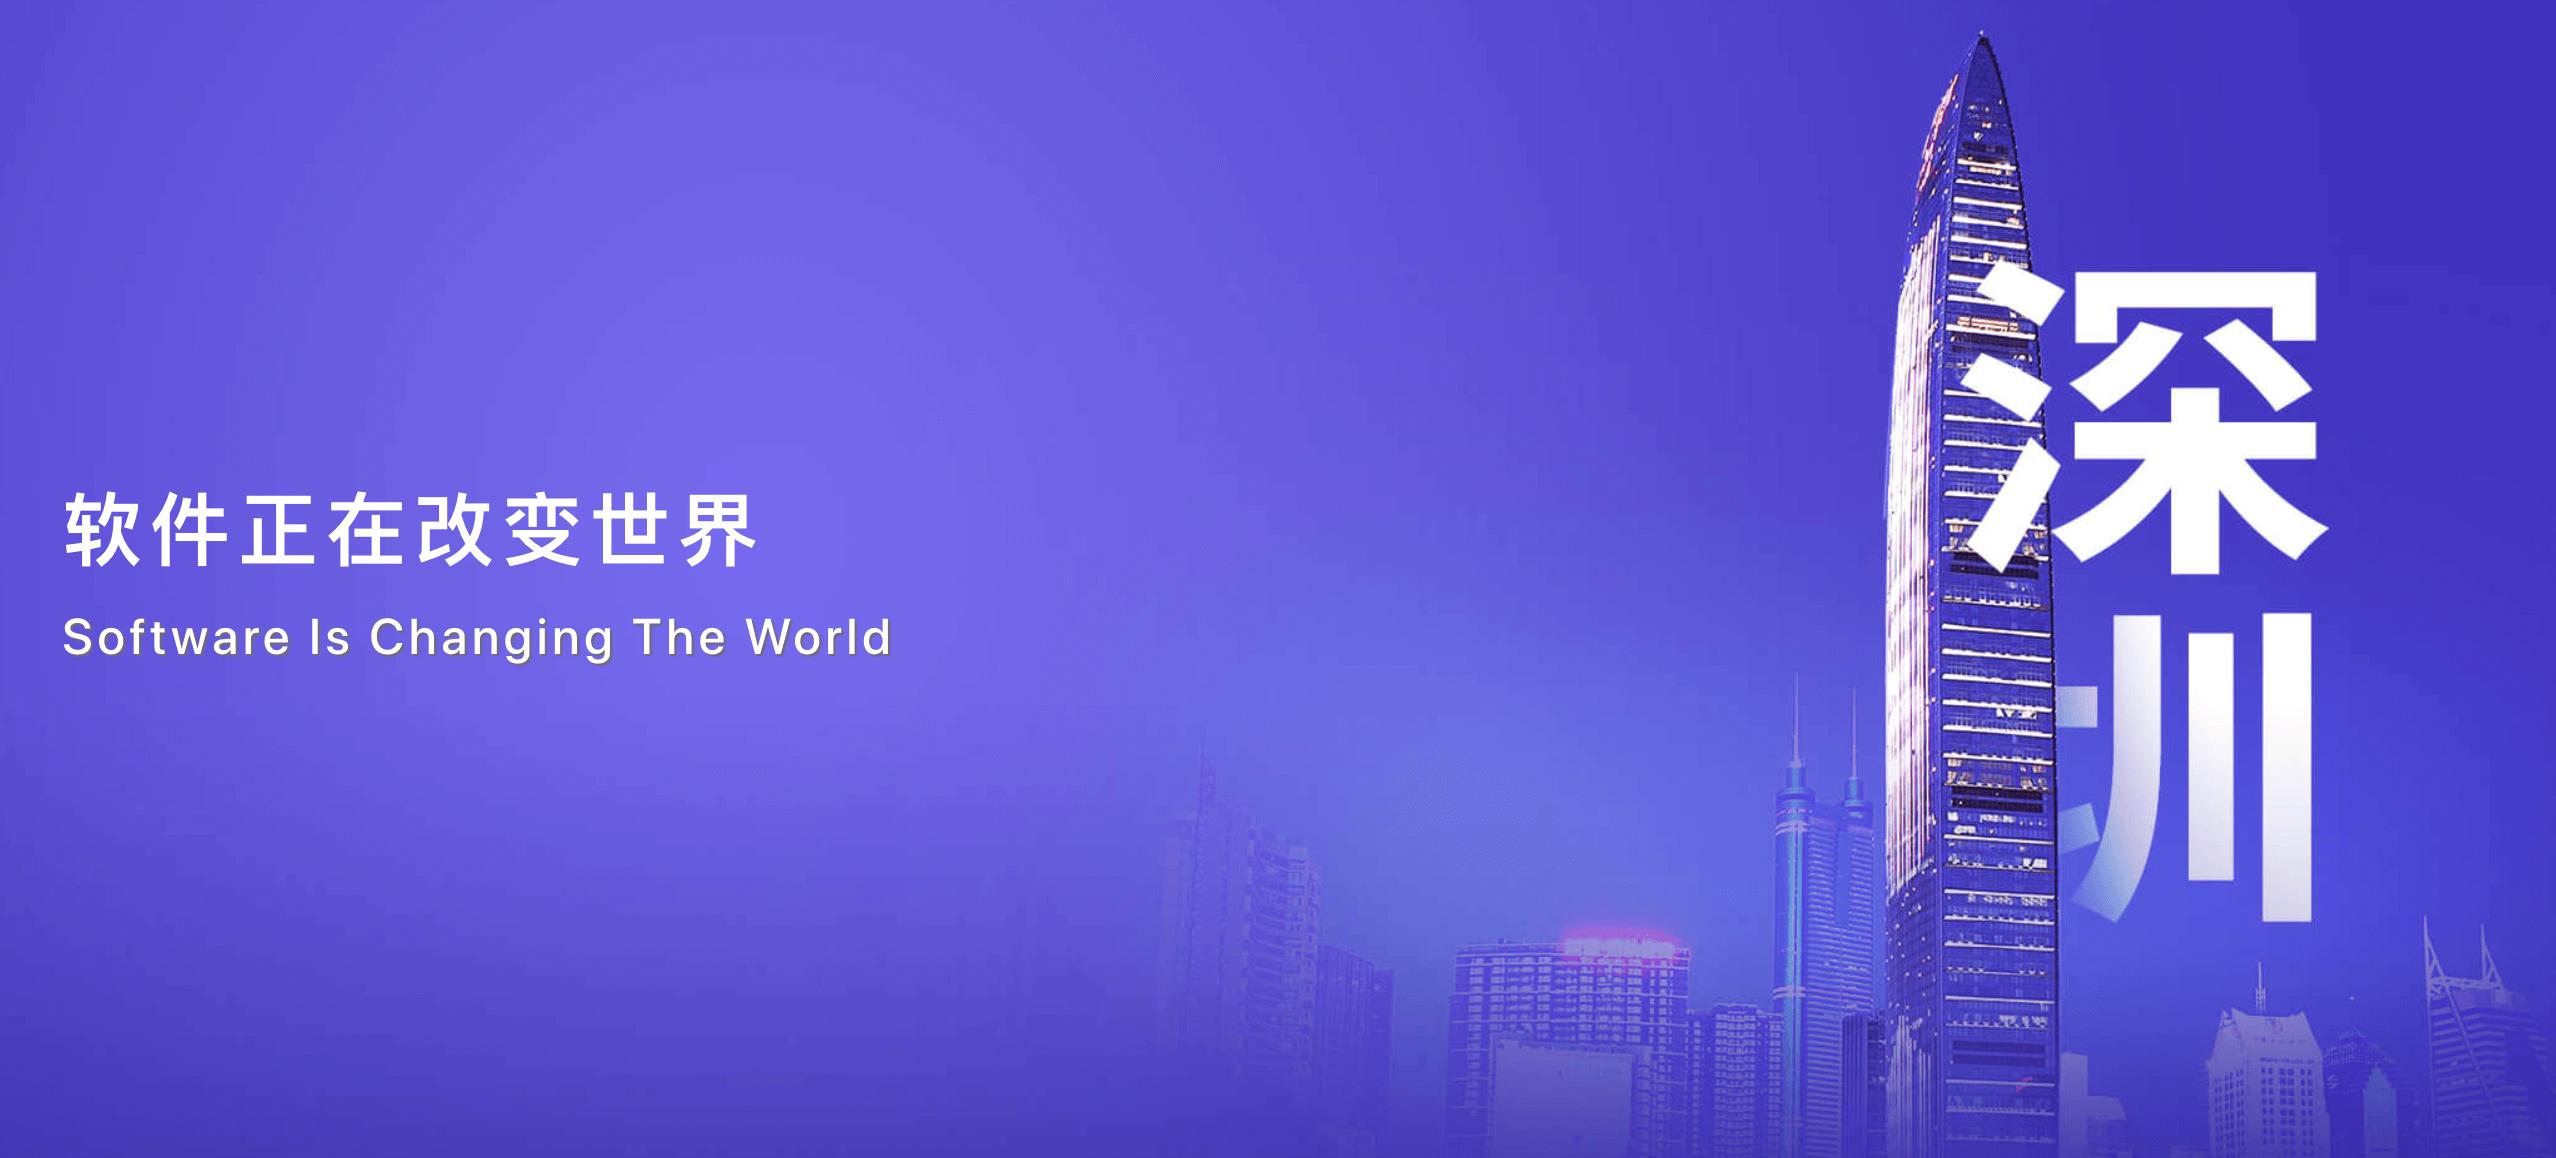 QCon深圳2022|全球软件开发大会(预告)